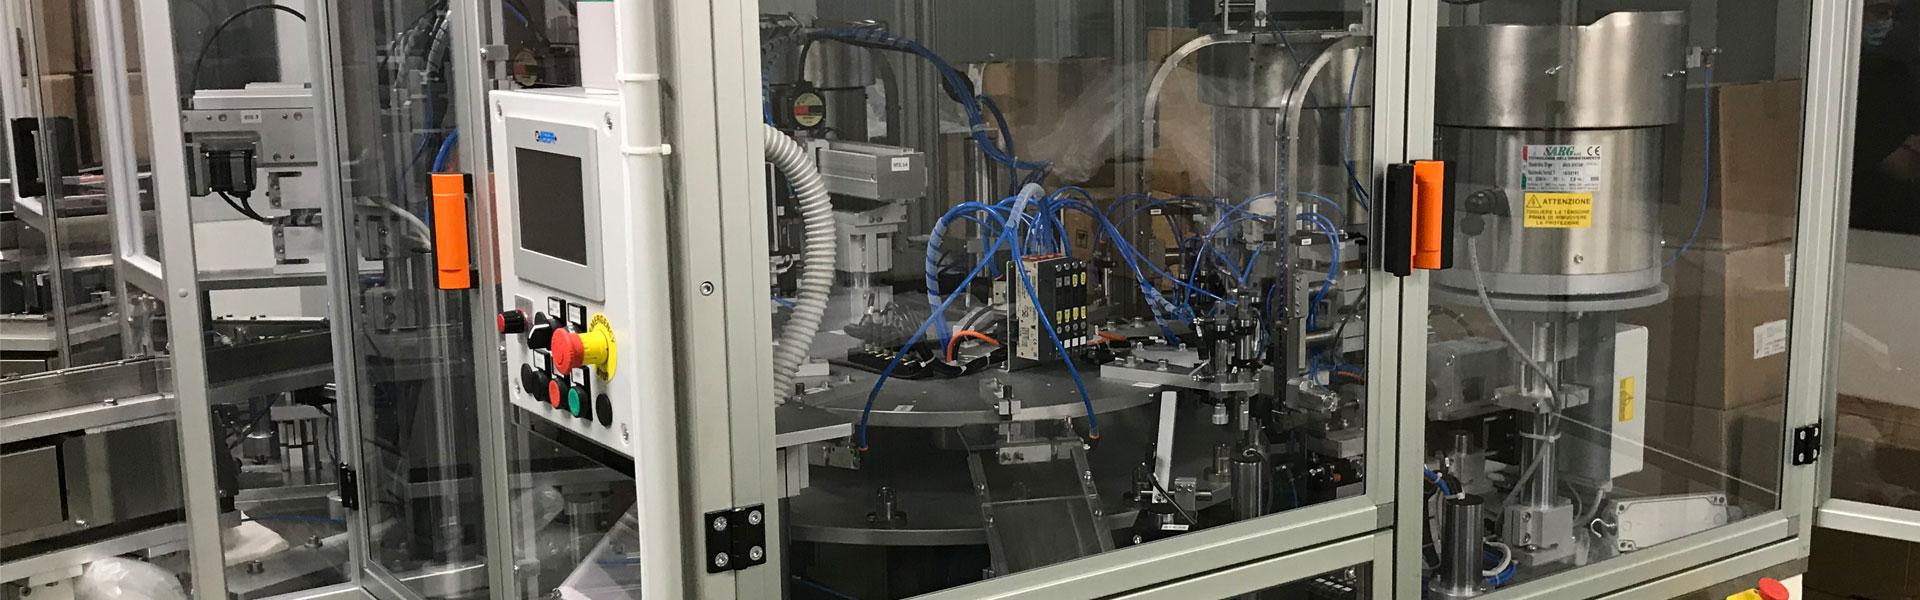 TECNOELETTRA S.R.L. a socio unico - Realizzazione di: macchine speciali per assemblaggio, automazione di macchine ed impianti, robotica industriale, attrezzature di controllo, quadri elettrici di comando e controllo